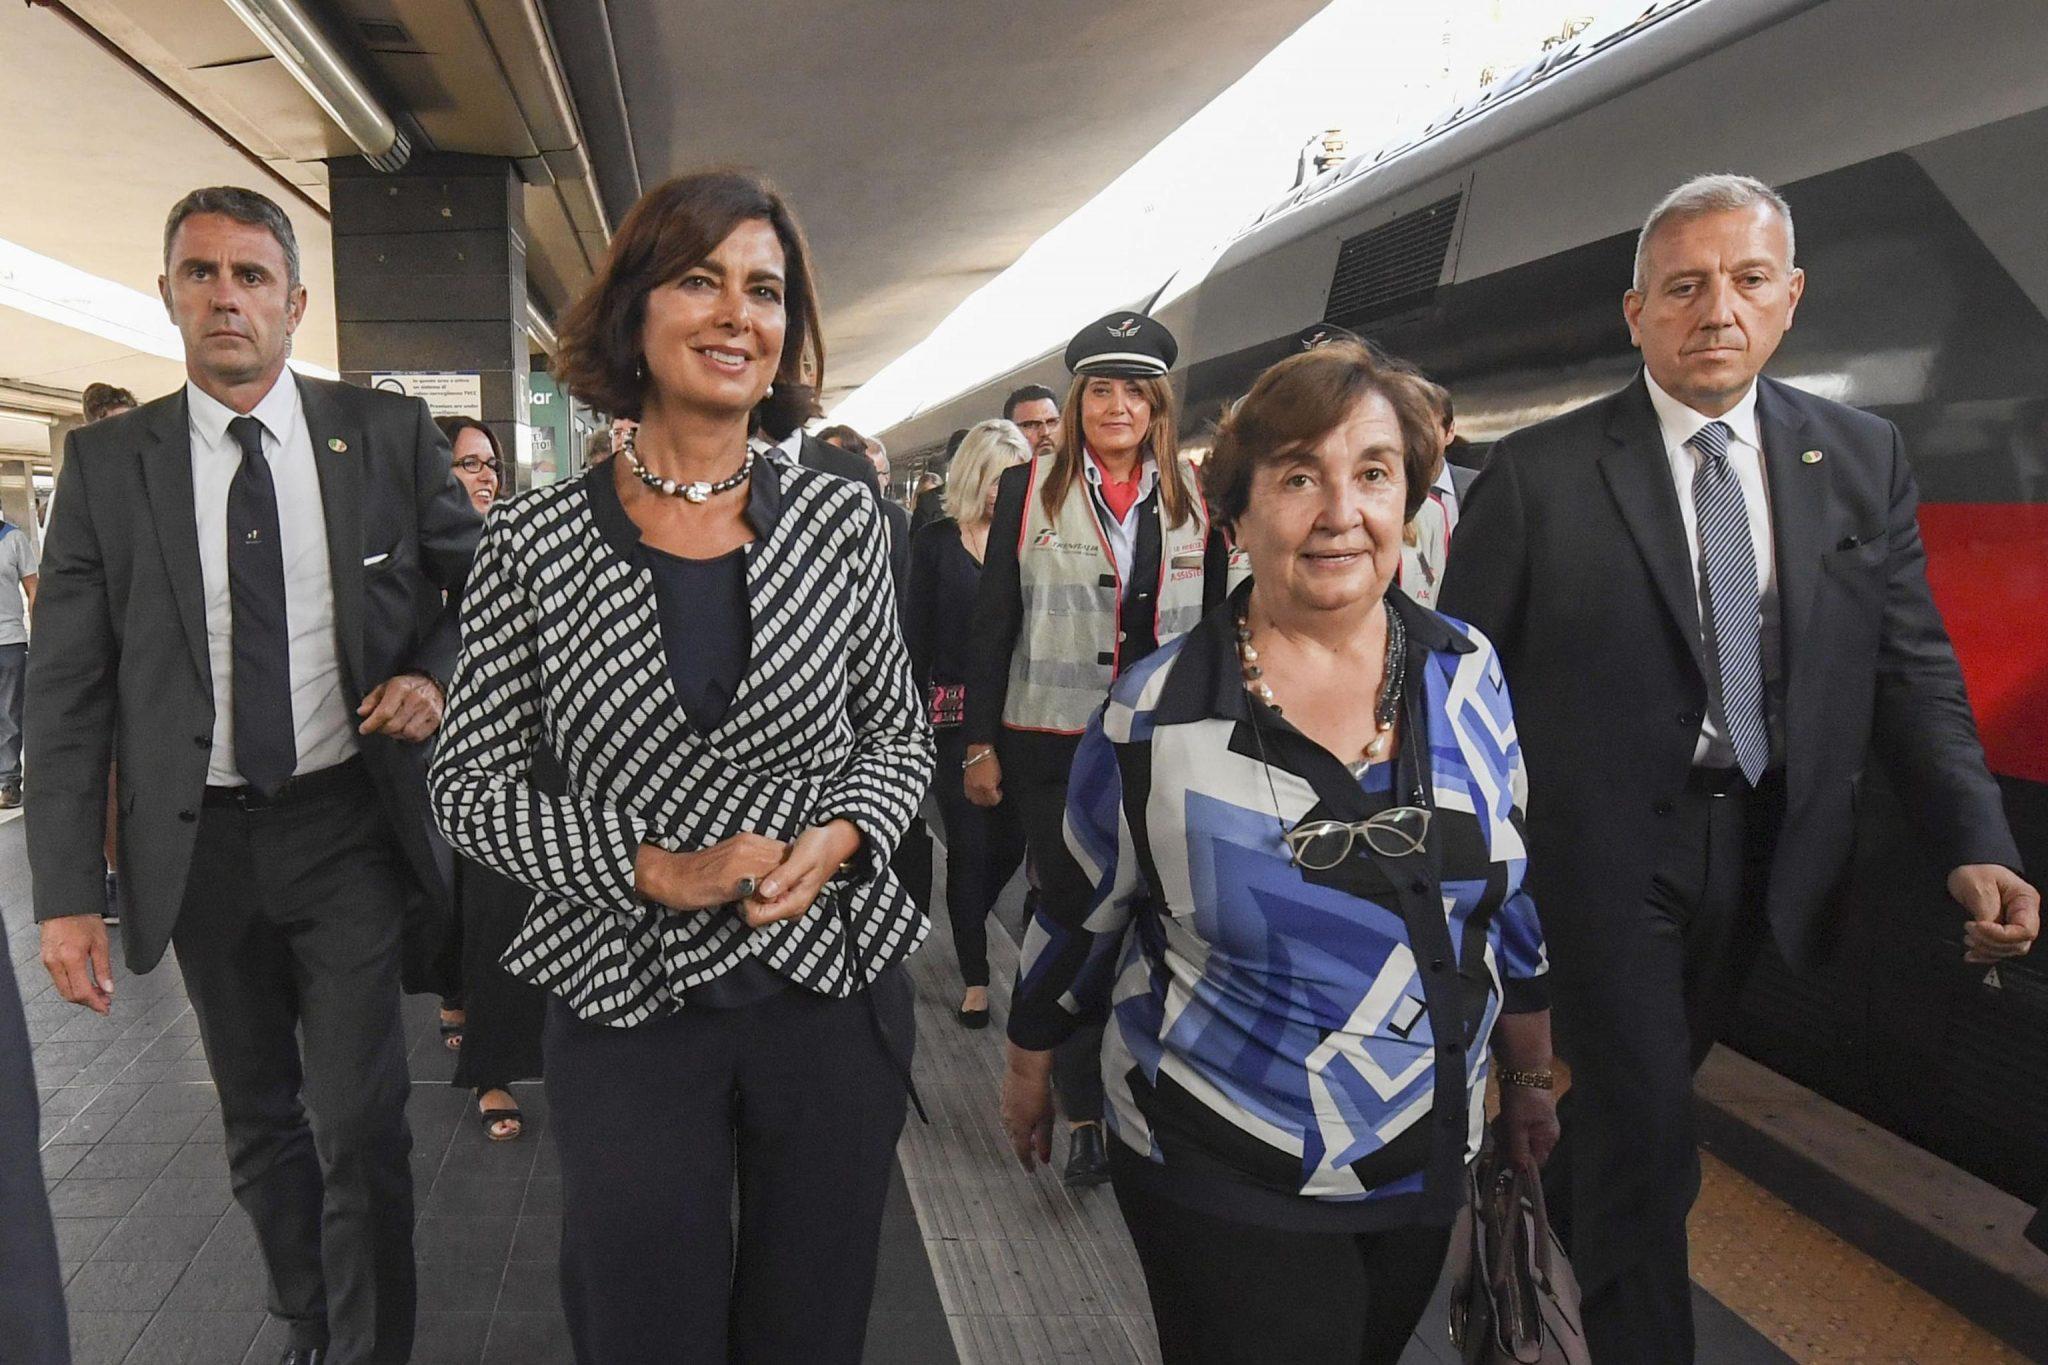 G7 Parlamenti: cominciata visita presidenti a Napoli